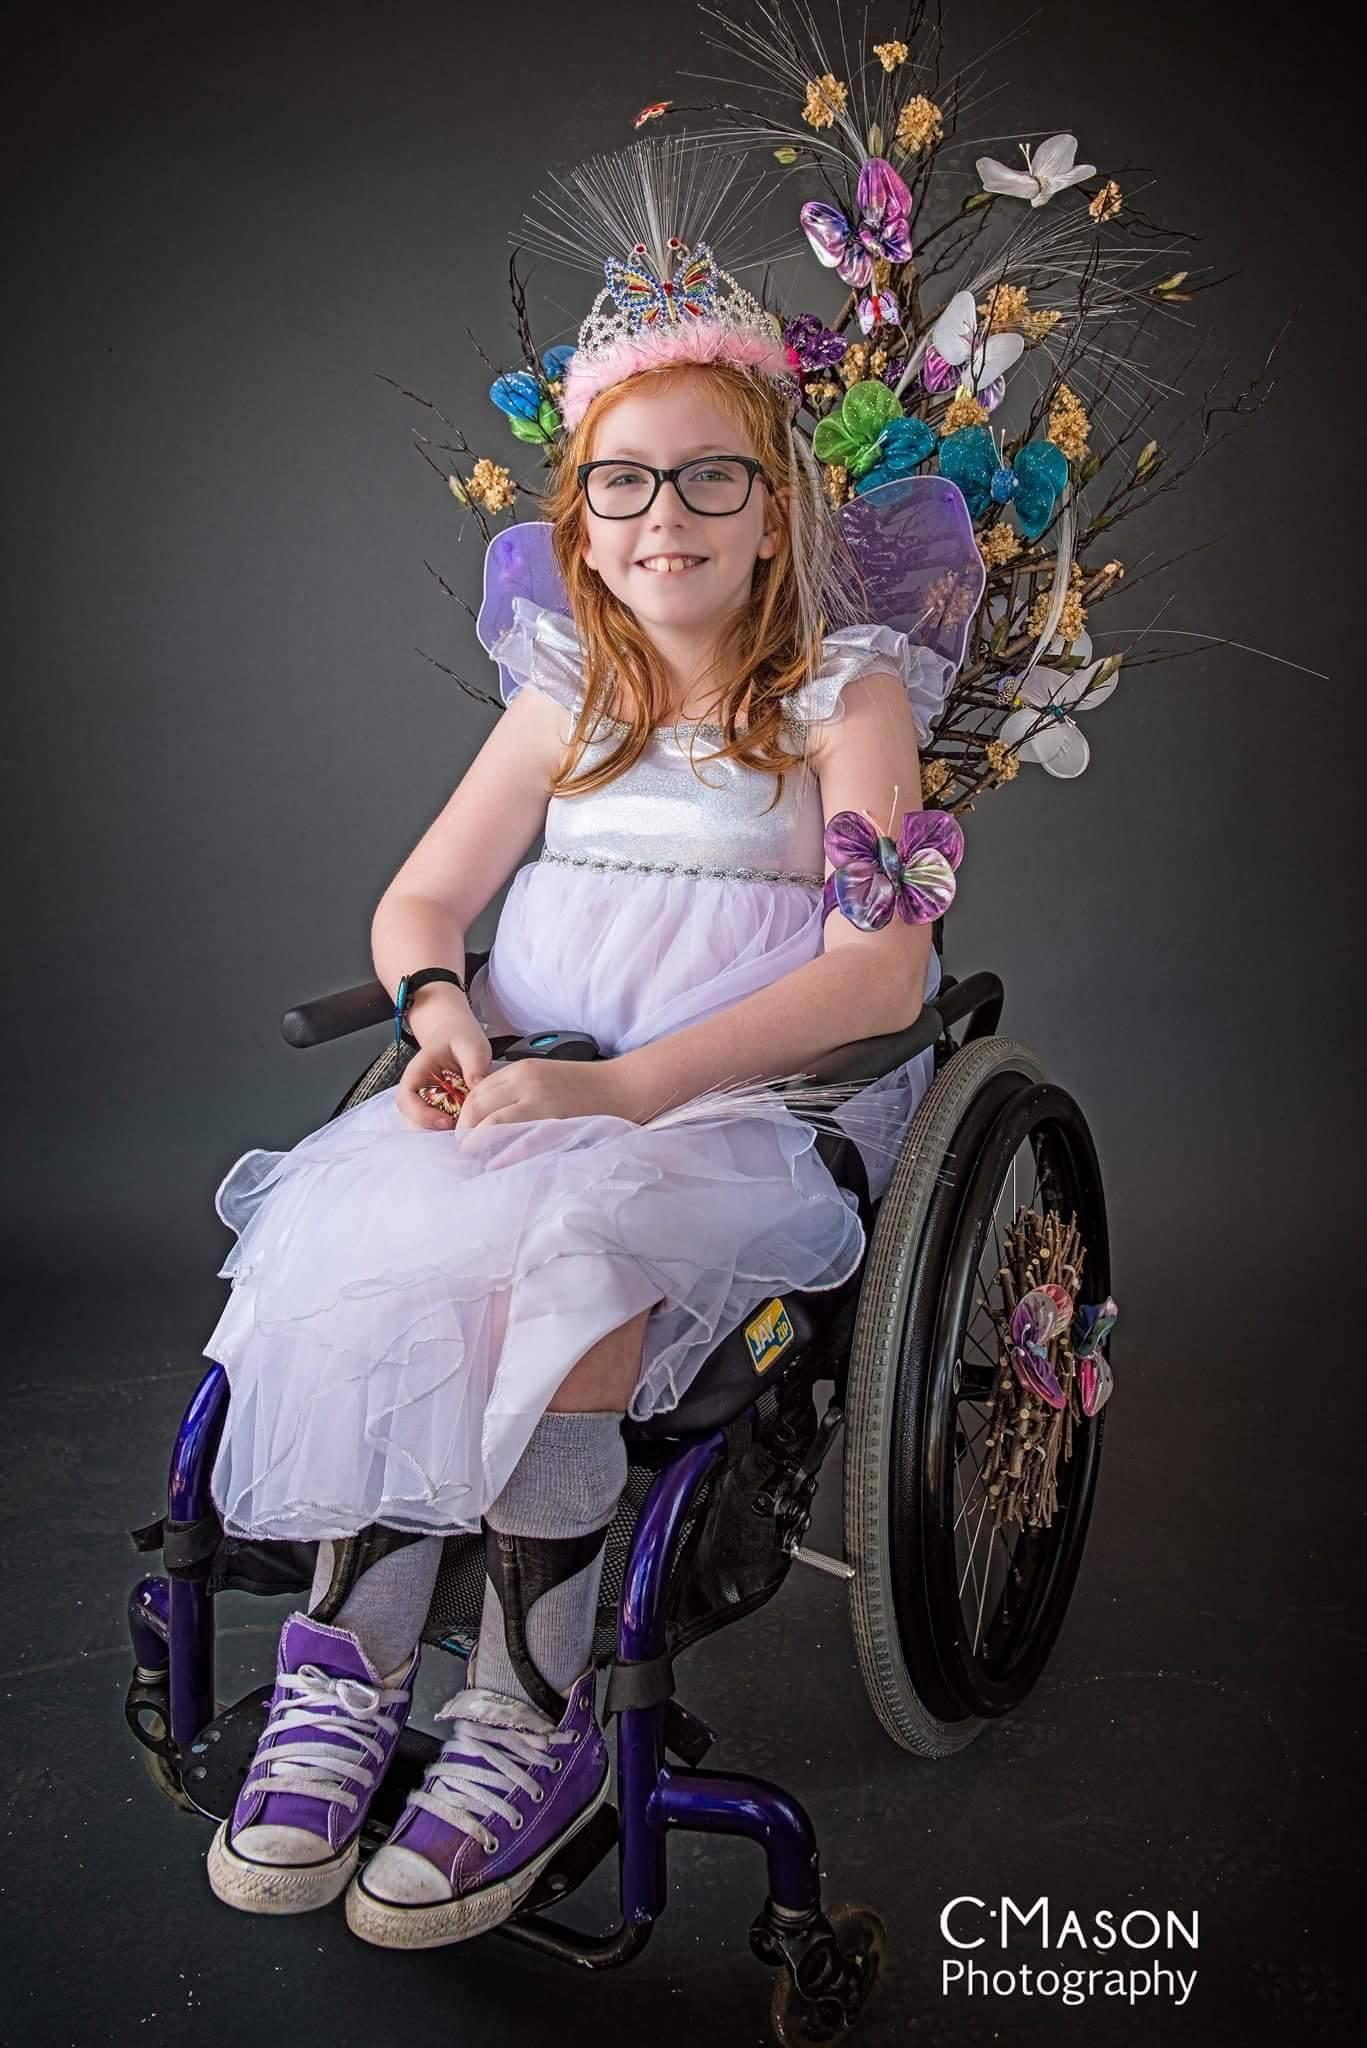 Pai começou customizando fantasia para filho cadeirante e agora tem ONG para atender mais crianças 4